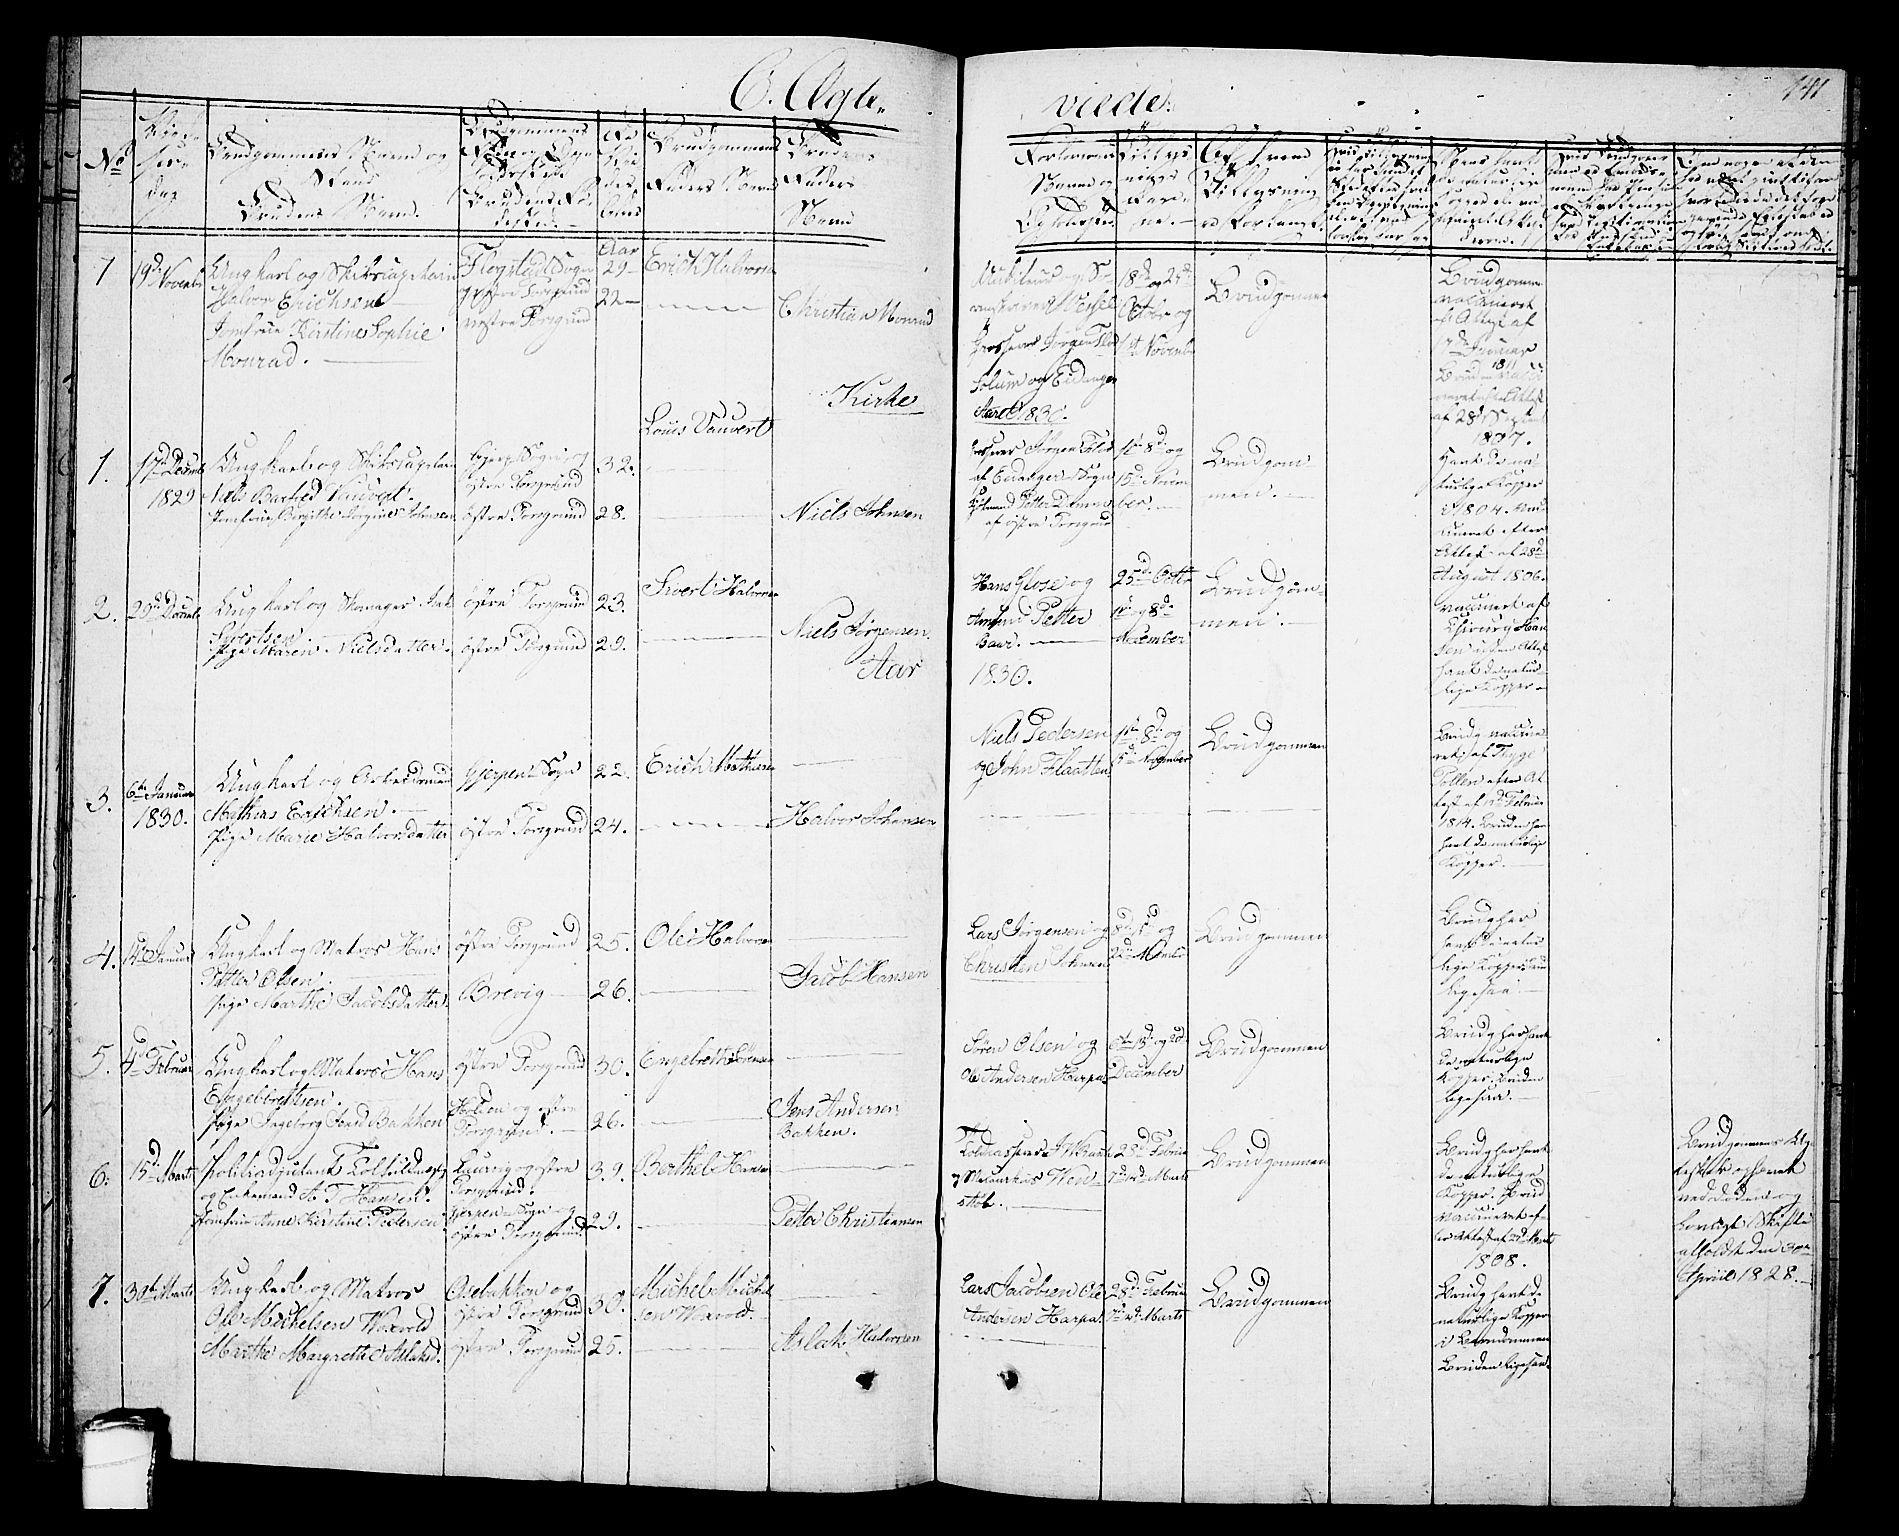 SAKO, Porsgrunn kirkebøker , G/Gb/L0002: Klokkerbok nr. II 2, 1828-1841, s. 141